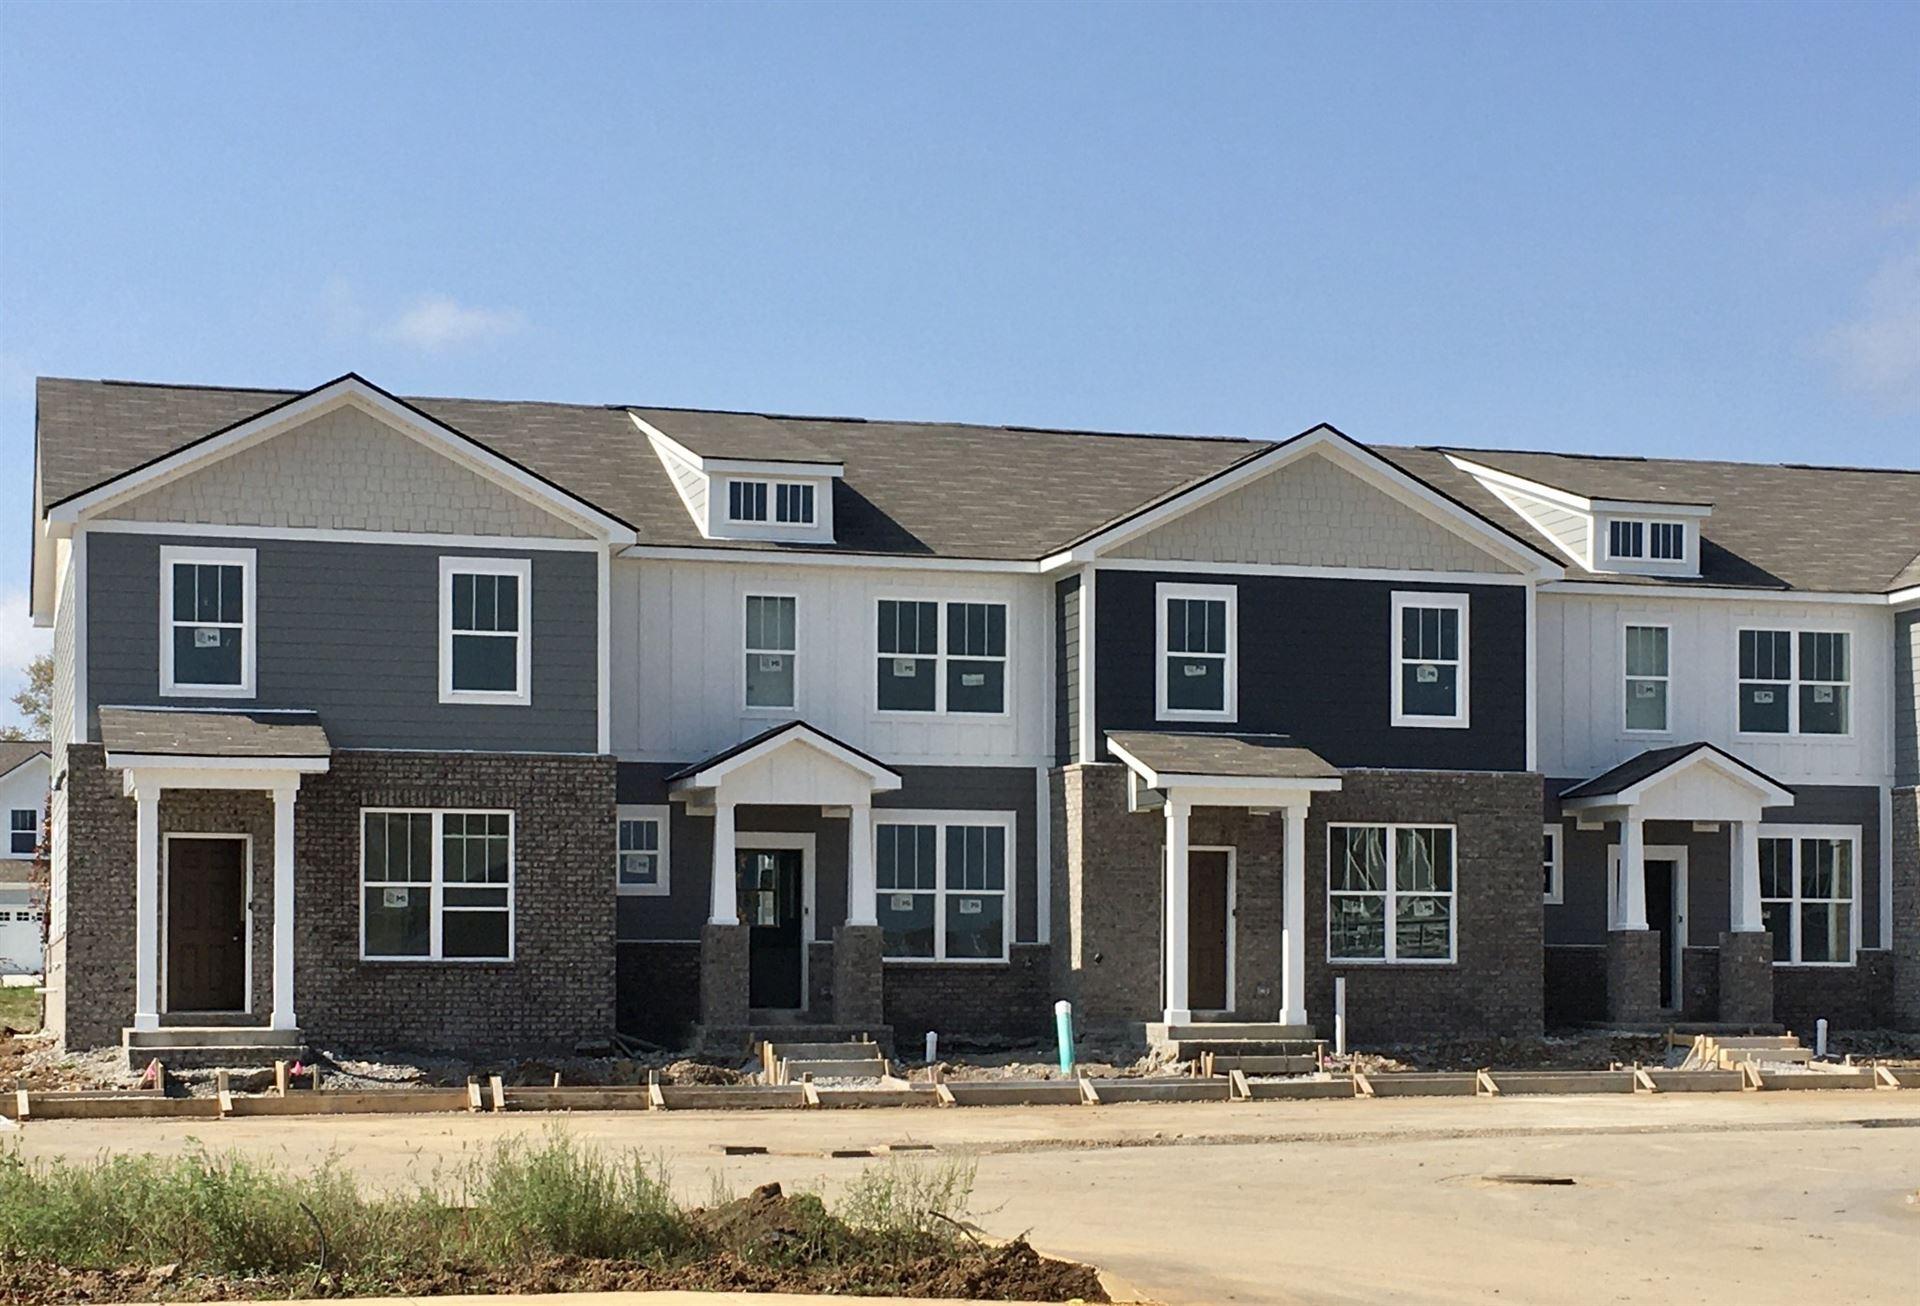 1707 Frodo Boulevard (82) #82, Murfreesboro, TN 37128 - MLS#: 2198866